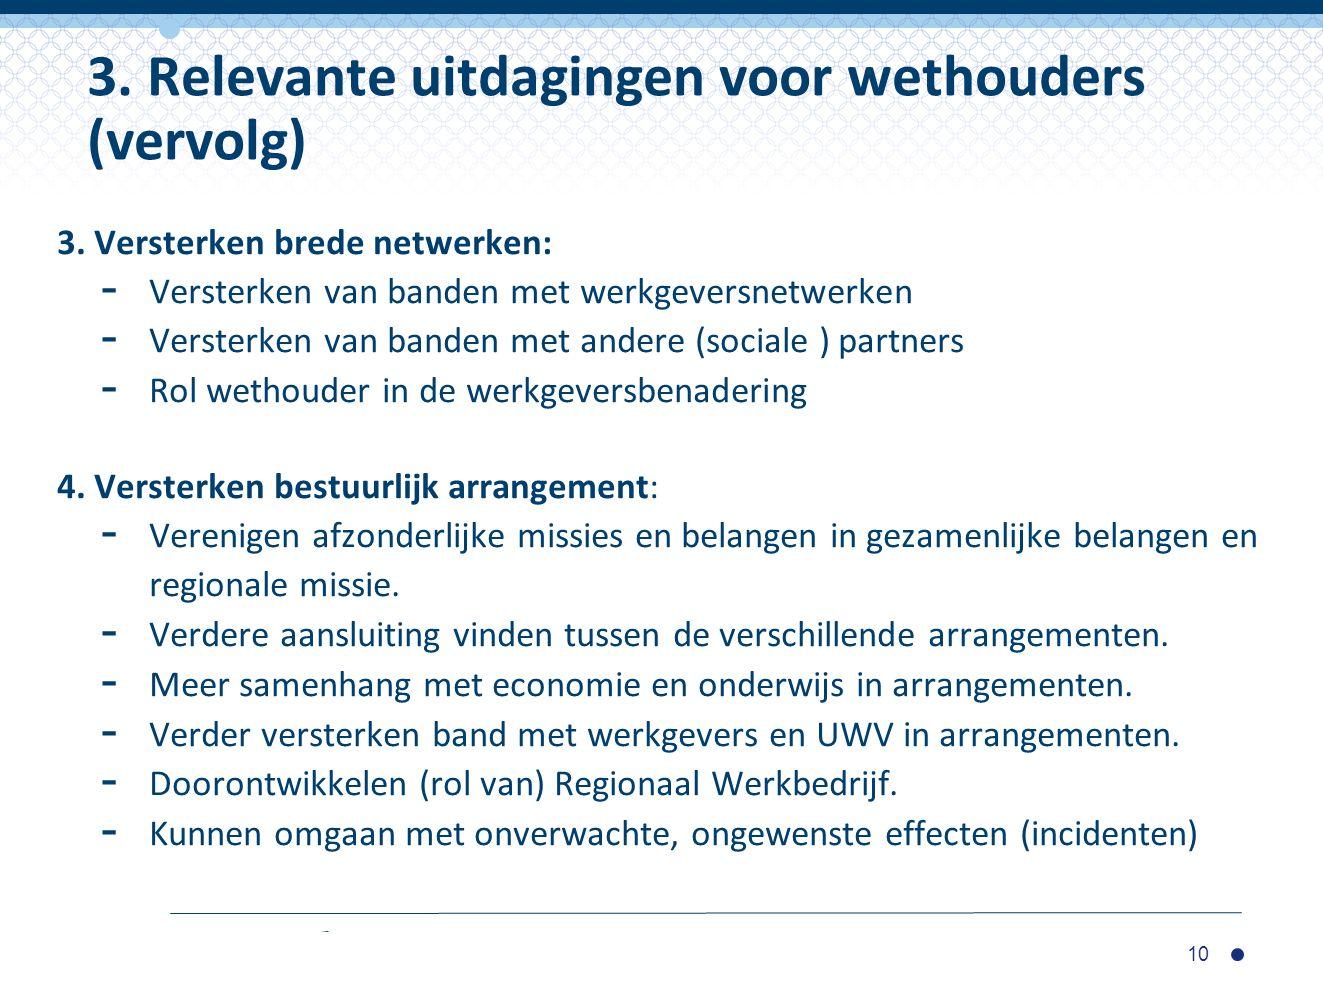 3. Relevante uitdagingen voor wethouders (vervolg)